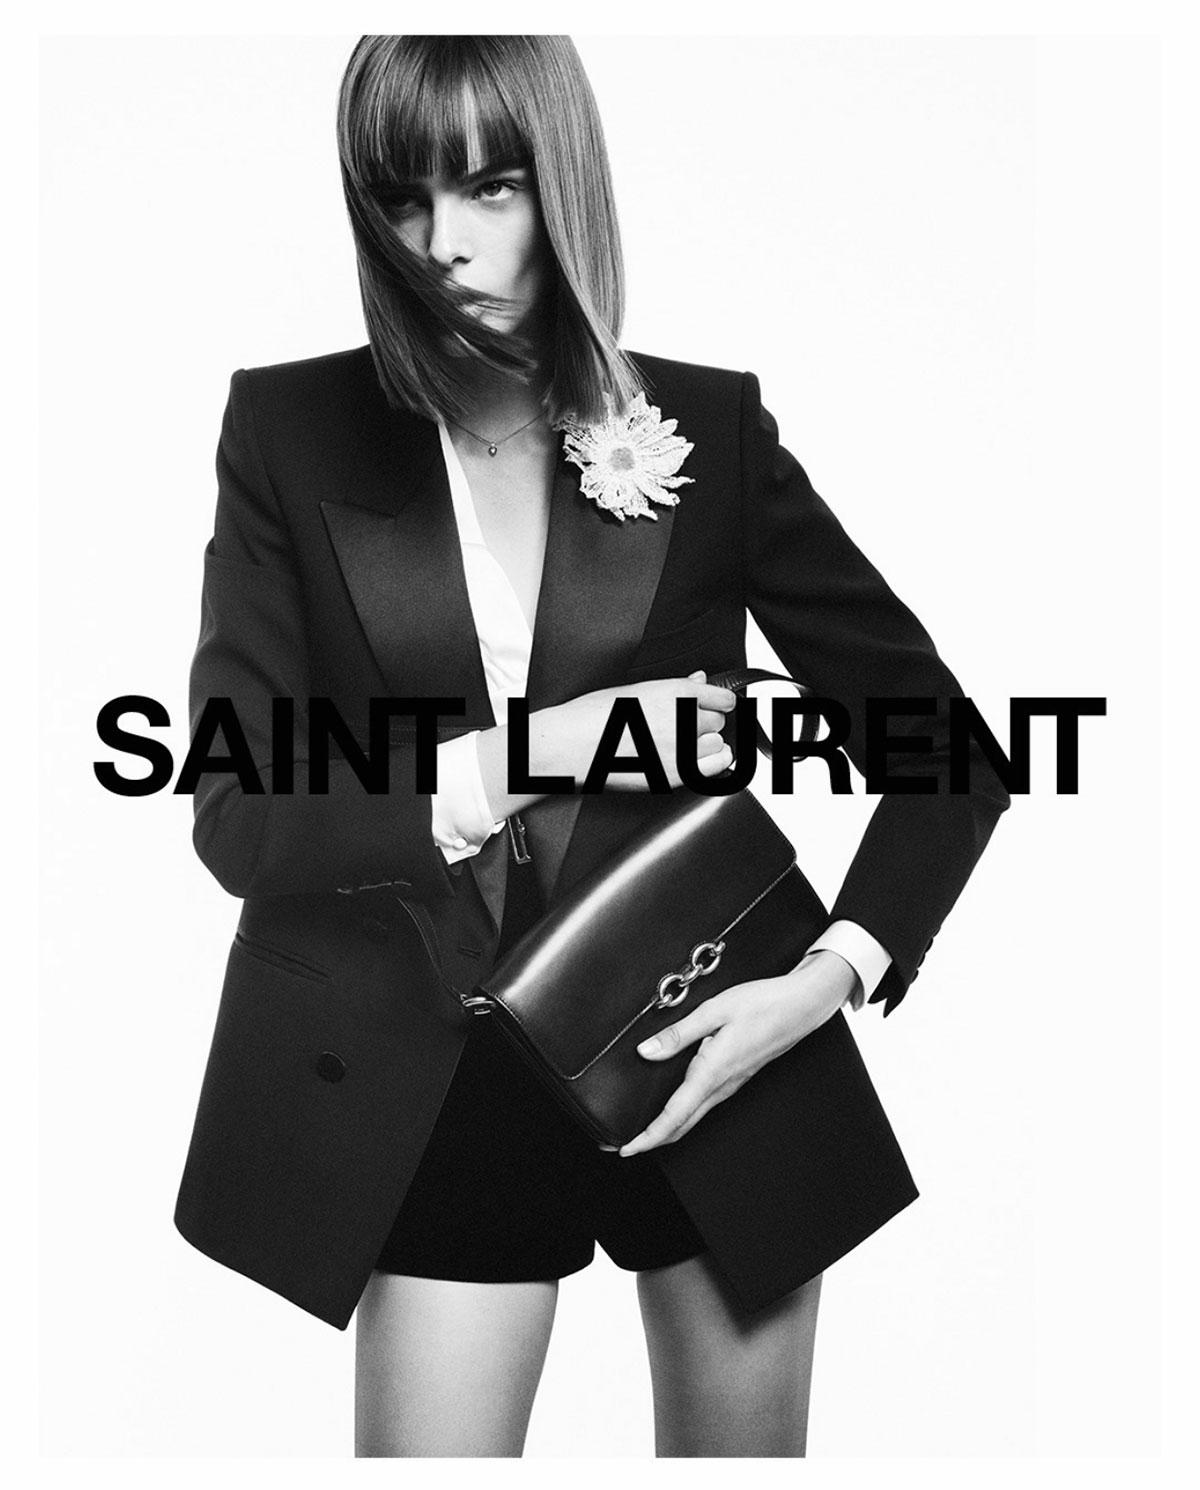 Saint Laurent ra mắt túi Maillon không logo, bị đánh giá là giống Gucci 1